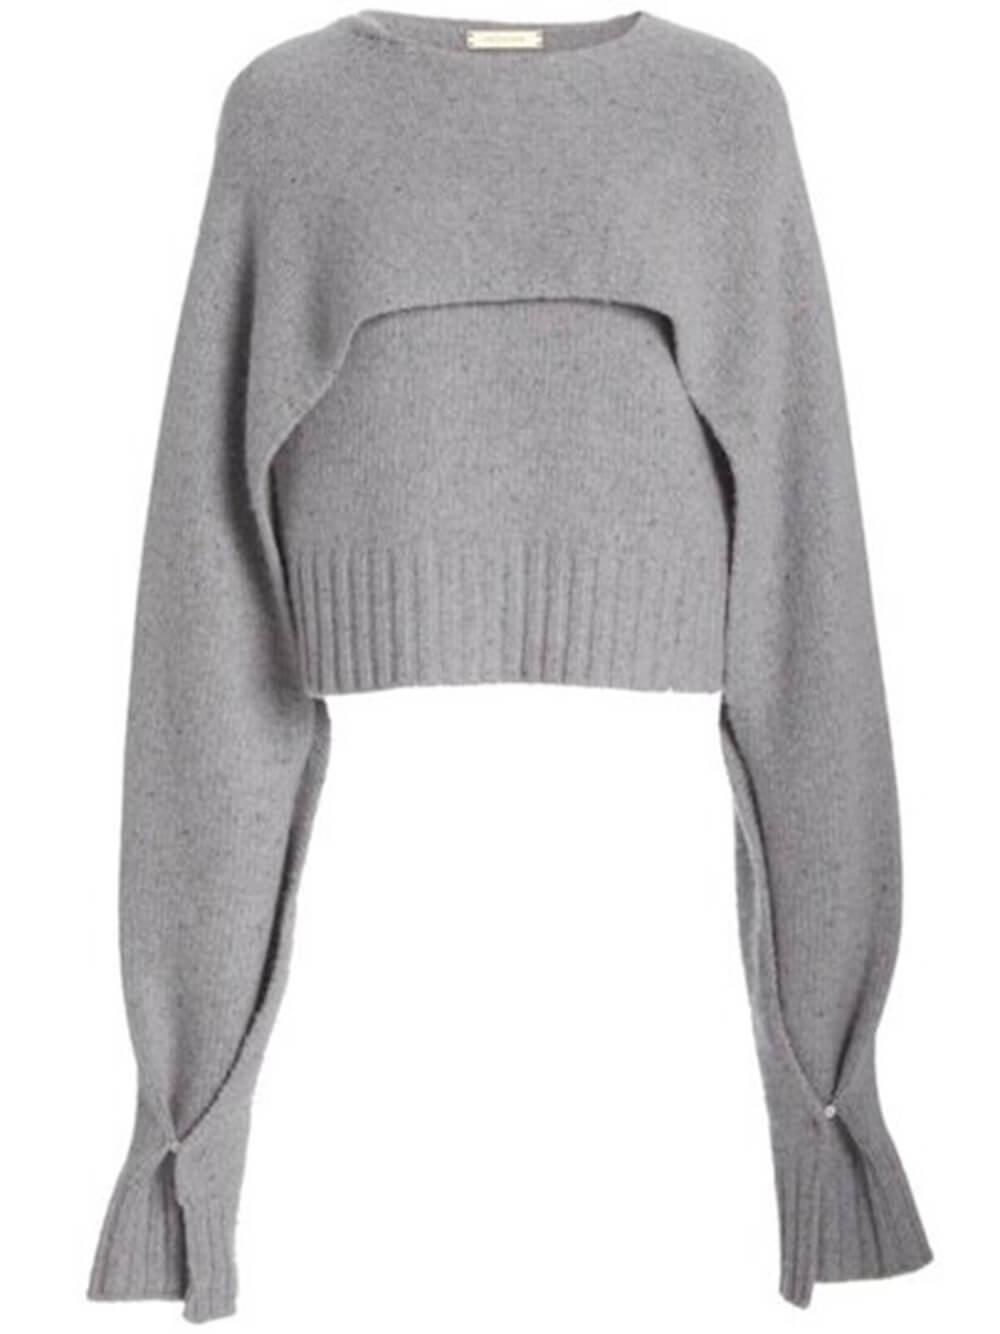 Harris Sweater Item # HA20K094-72